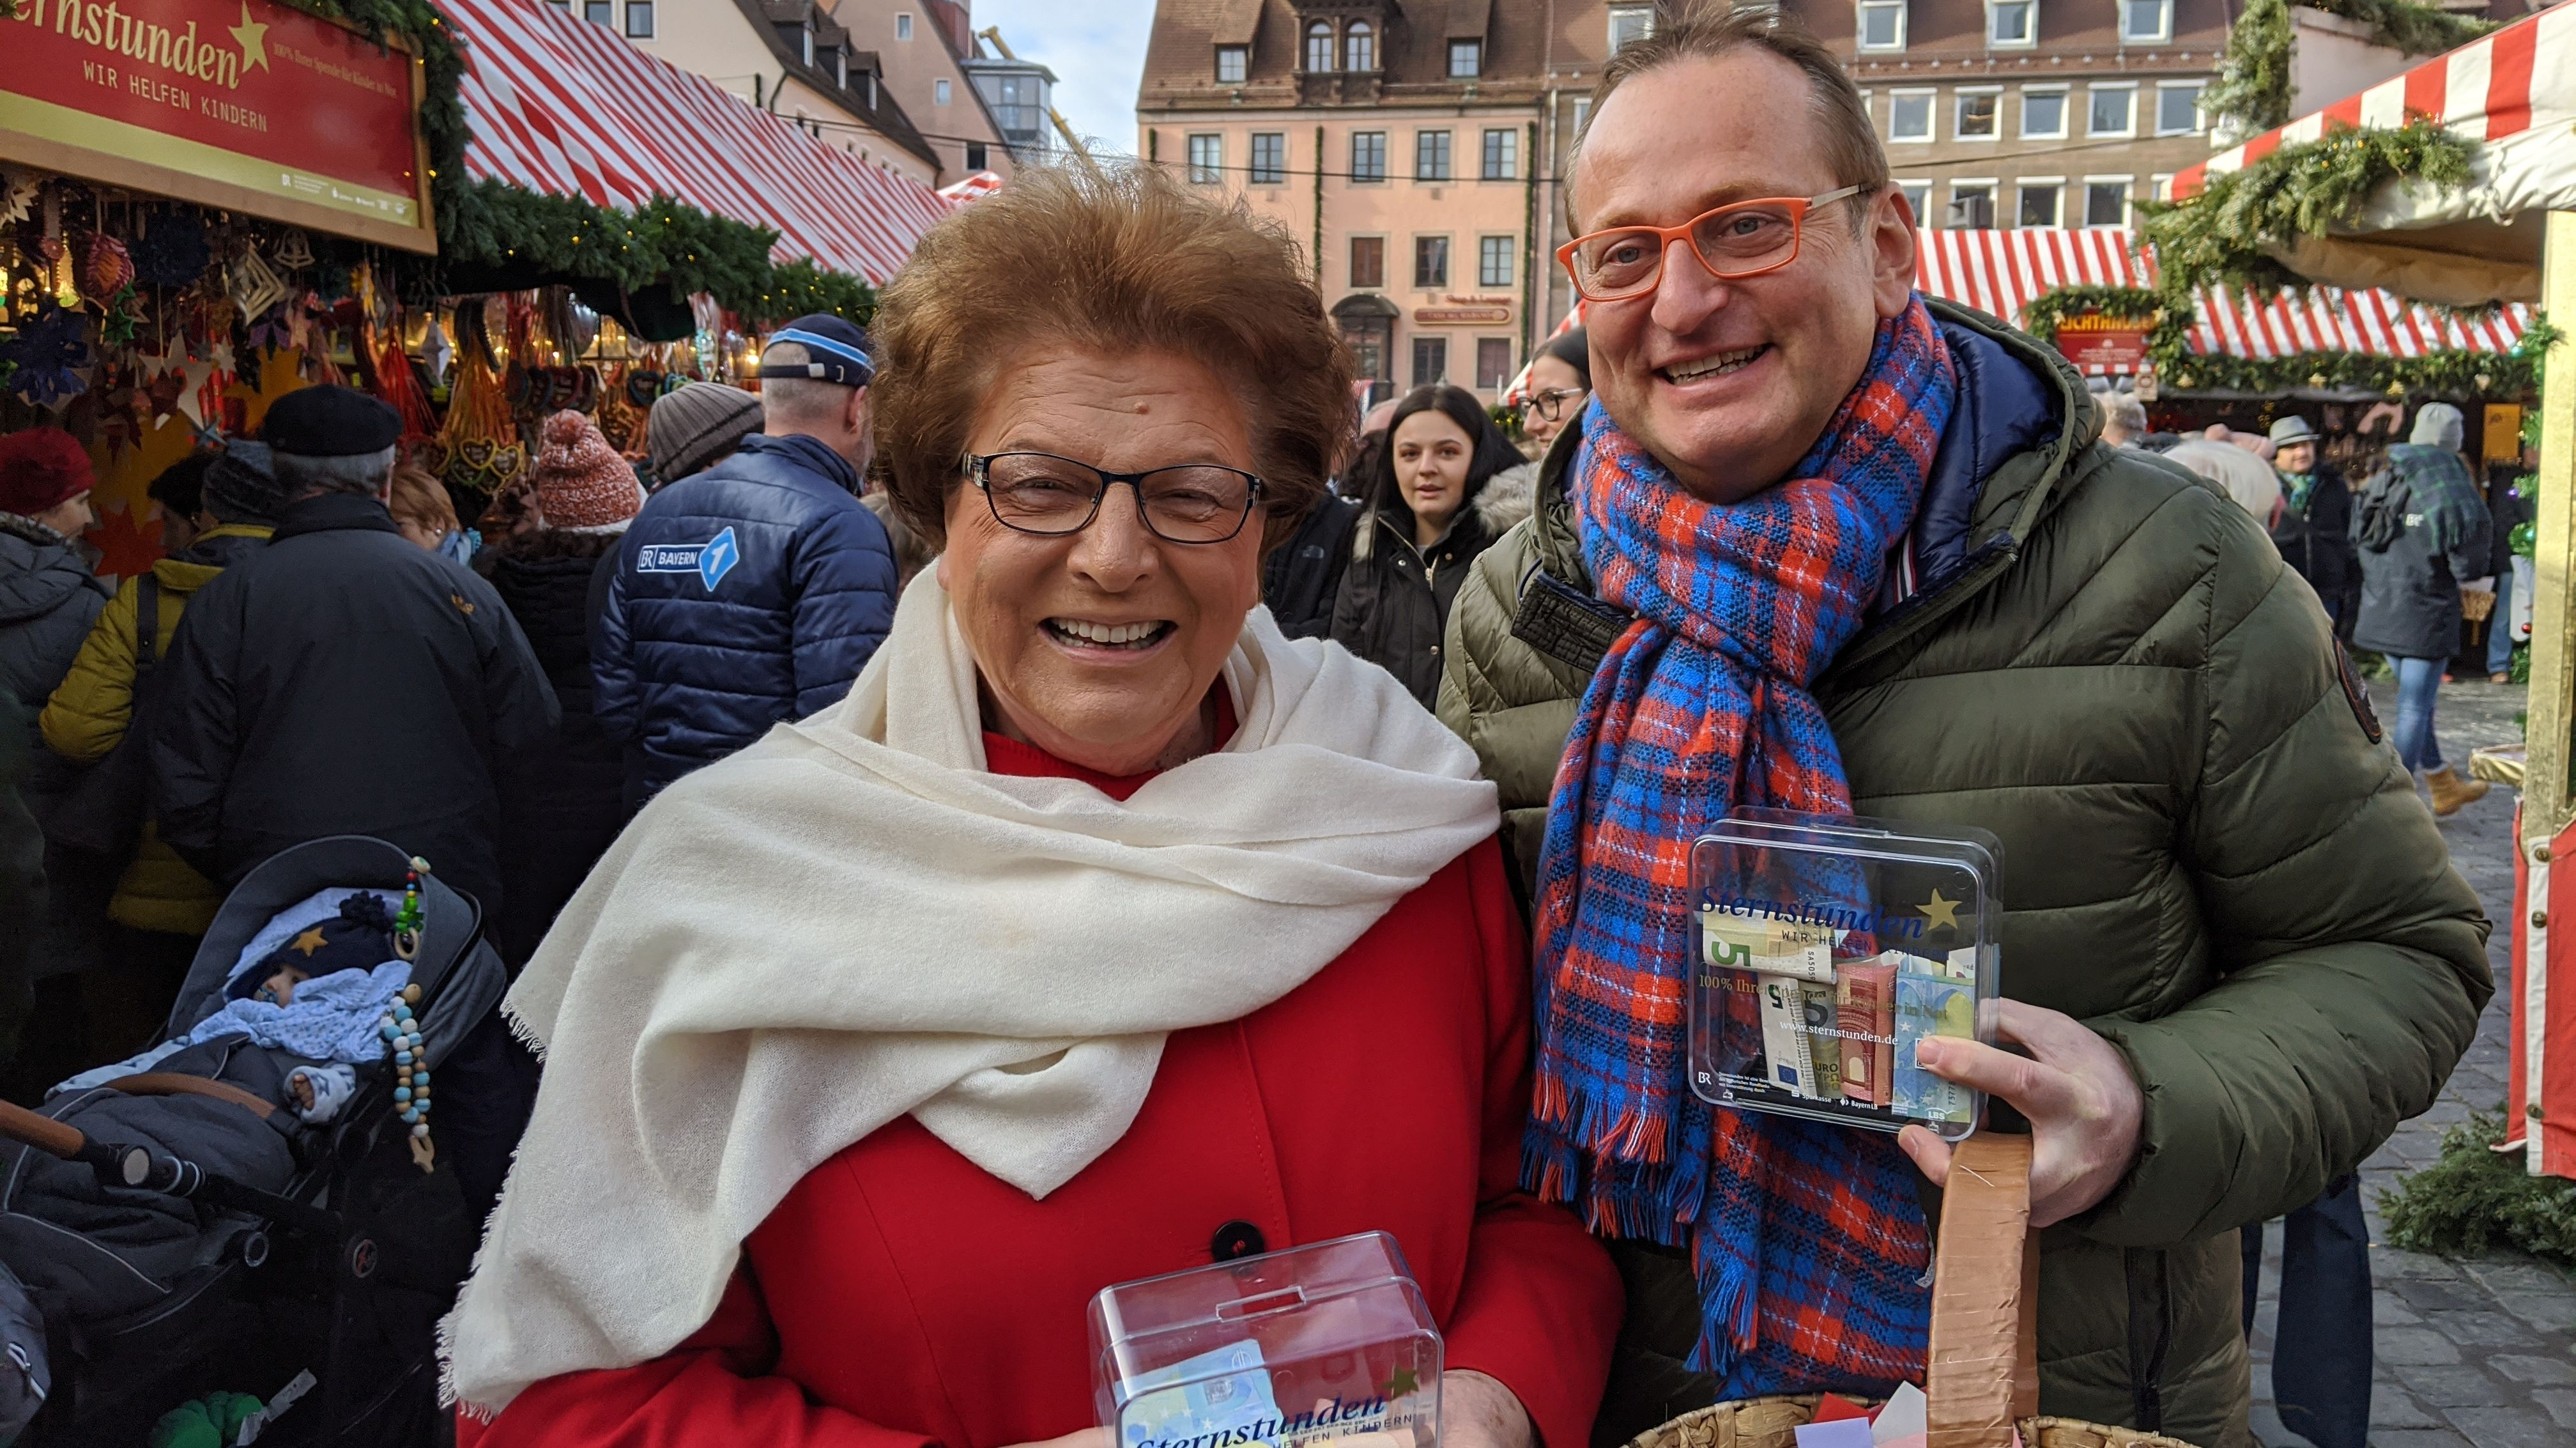 Barbara Stamm und Volker Heißmann stehen auf dem Christkindlesmarkt mit der Spendenbüchse in der Hand